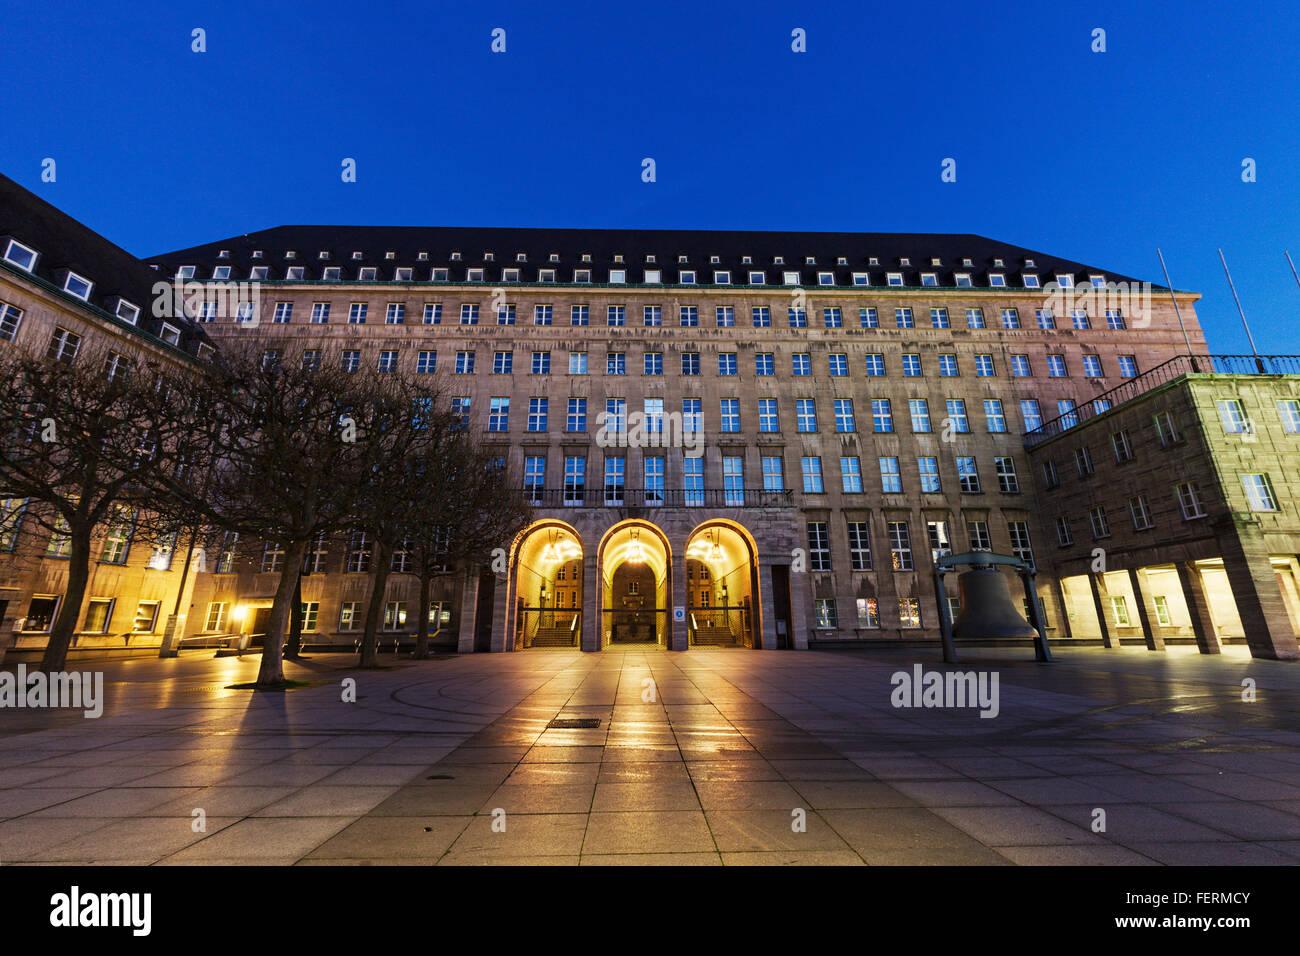 Bochum Rathaus at night - Stock Image